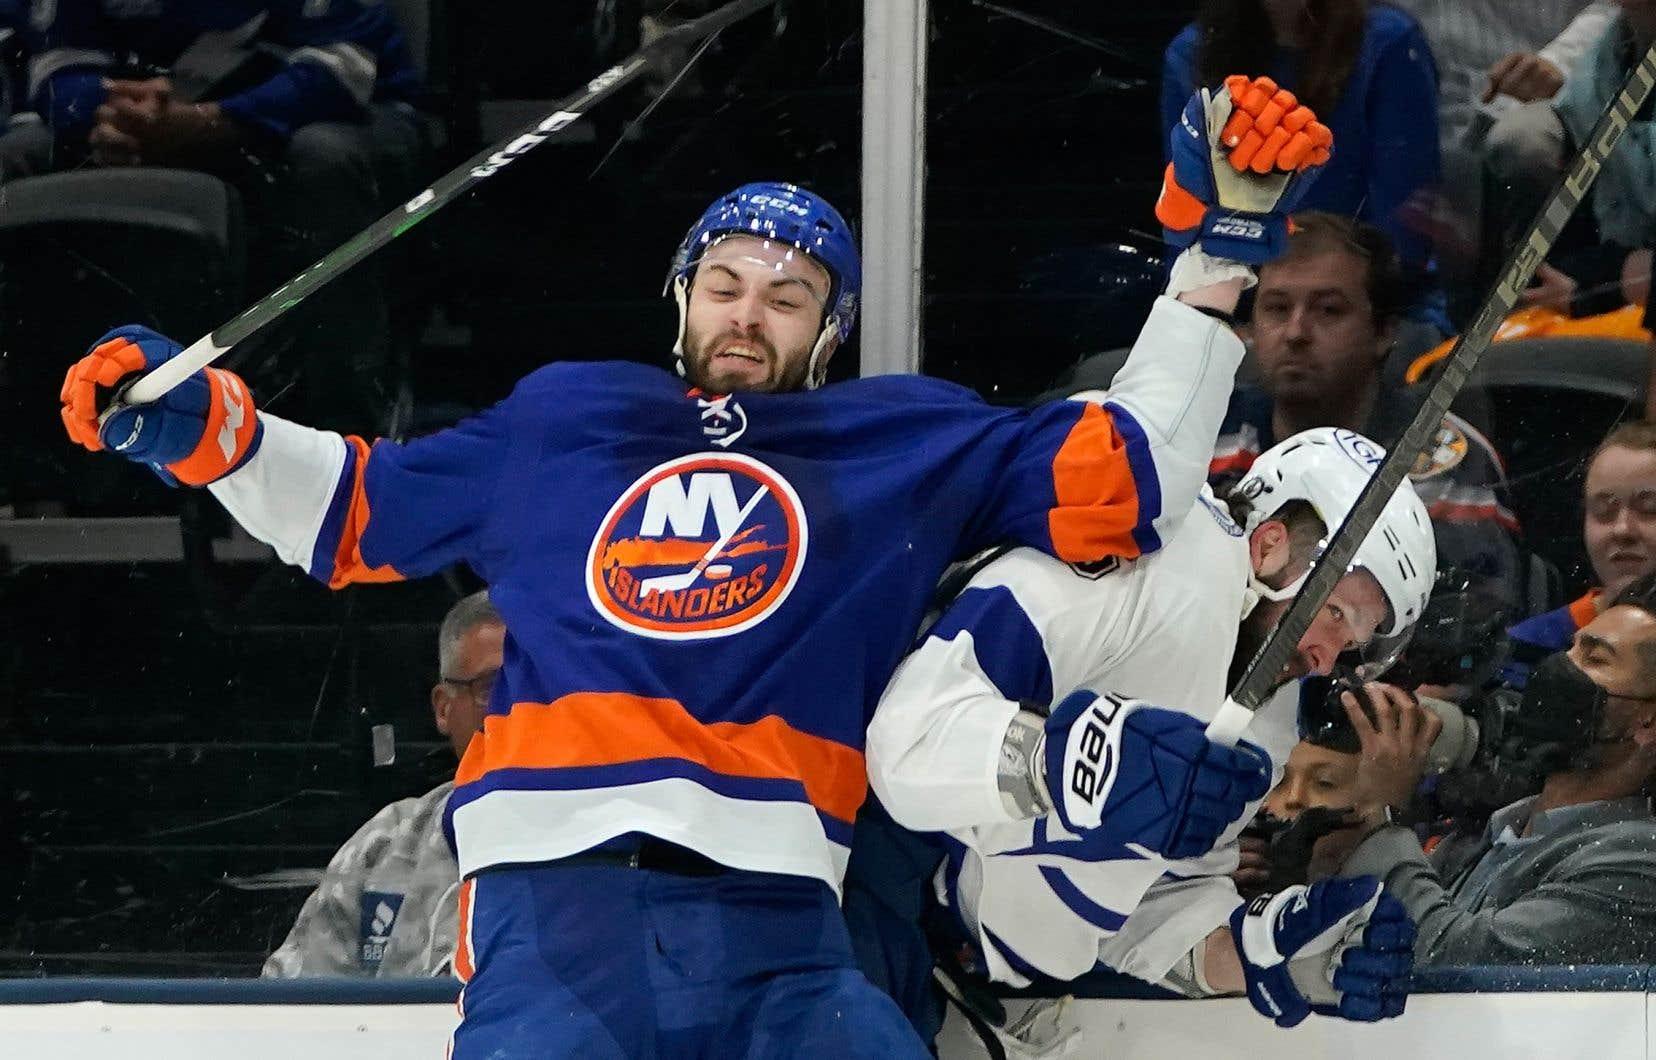 Le défenseur des Islanders de New York, Adam Pelech